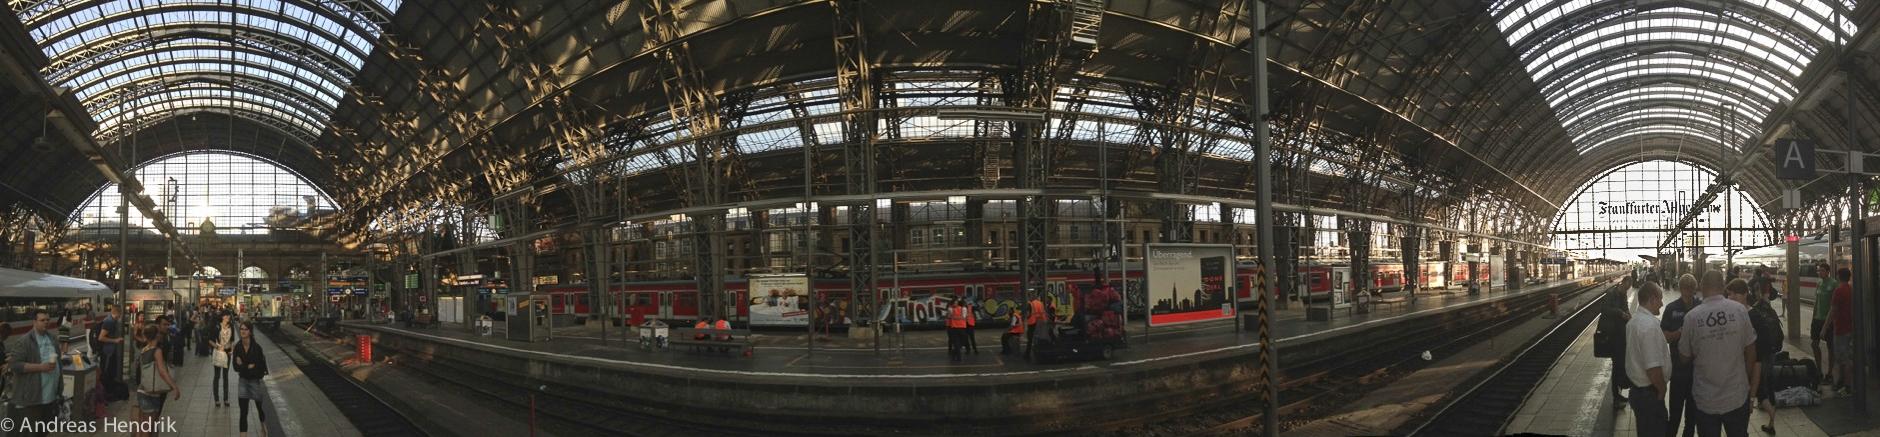 Frankfurter Hauptbahnhof Innenhalle bei Sonnenlicht, Panoramfoto 180-Grad